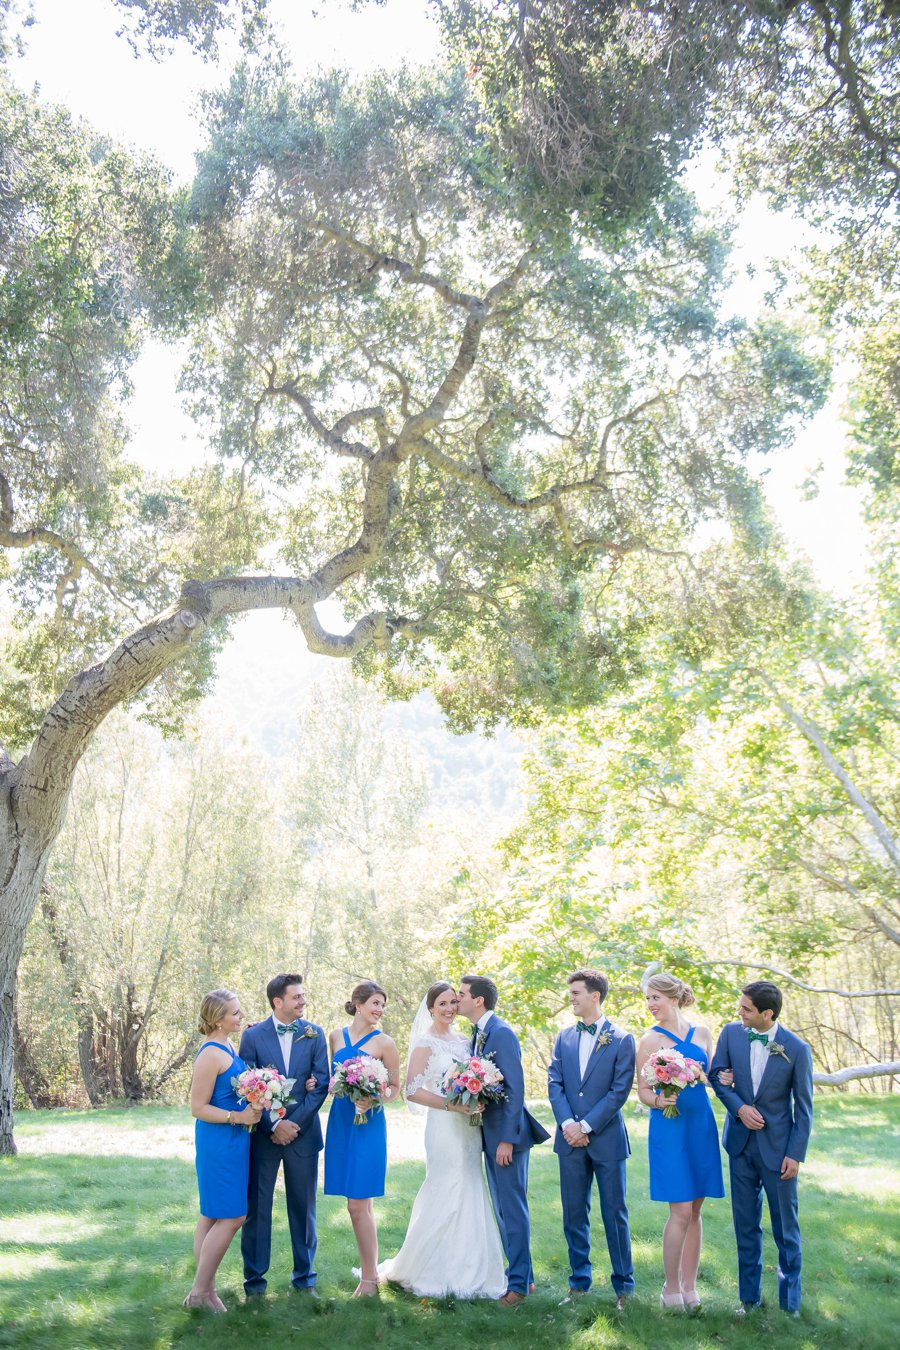 A Bright & Colorful Wedding In California via TheELD.com